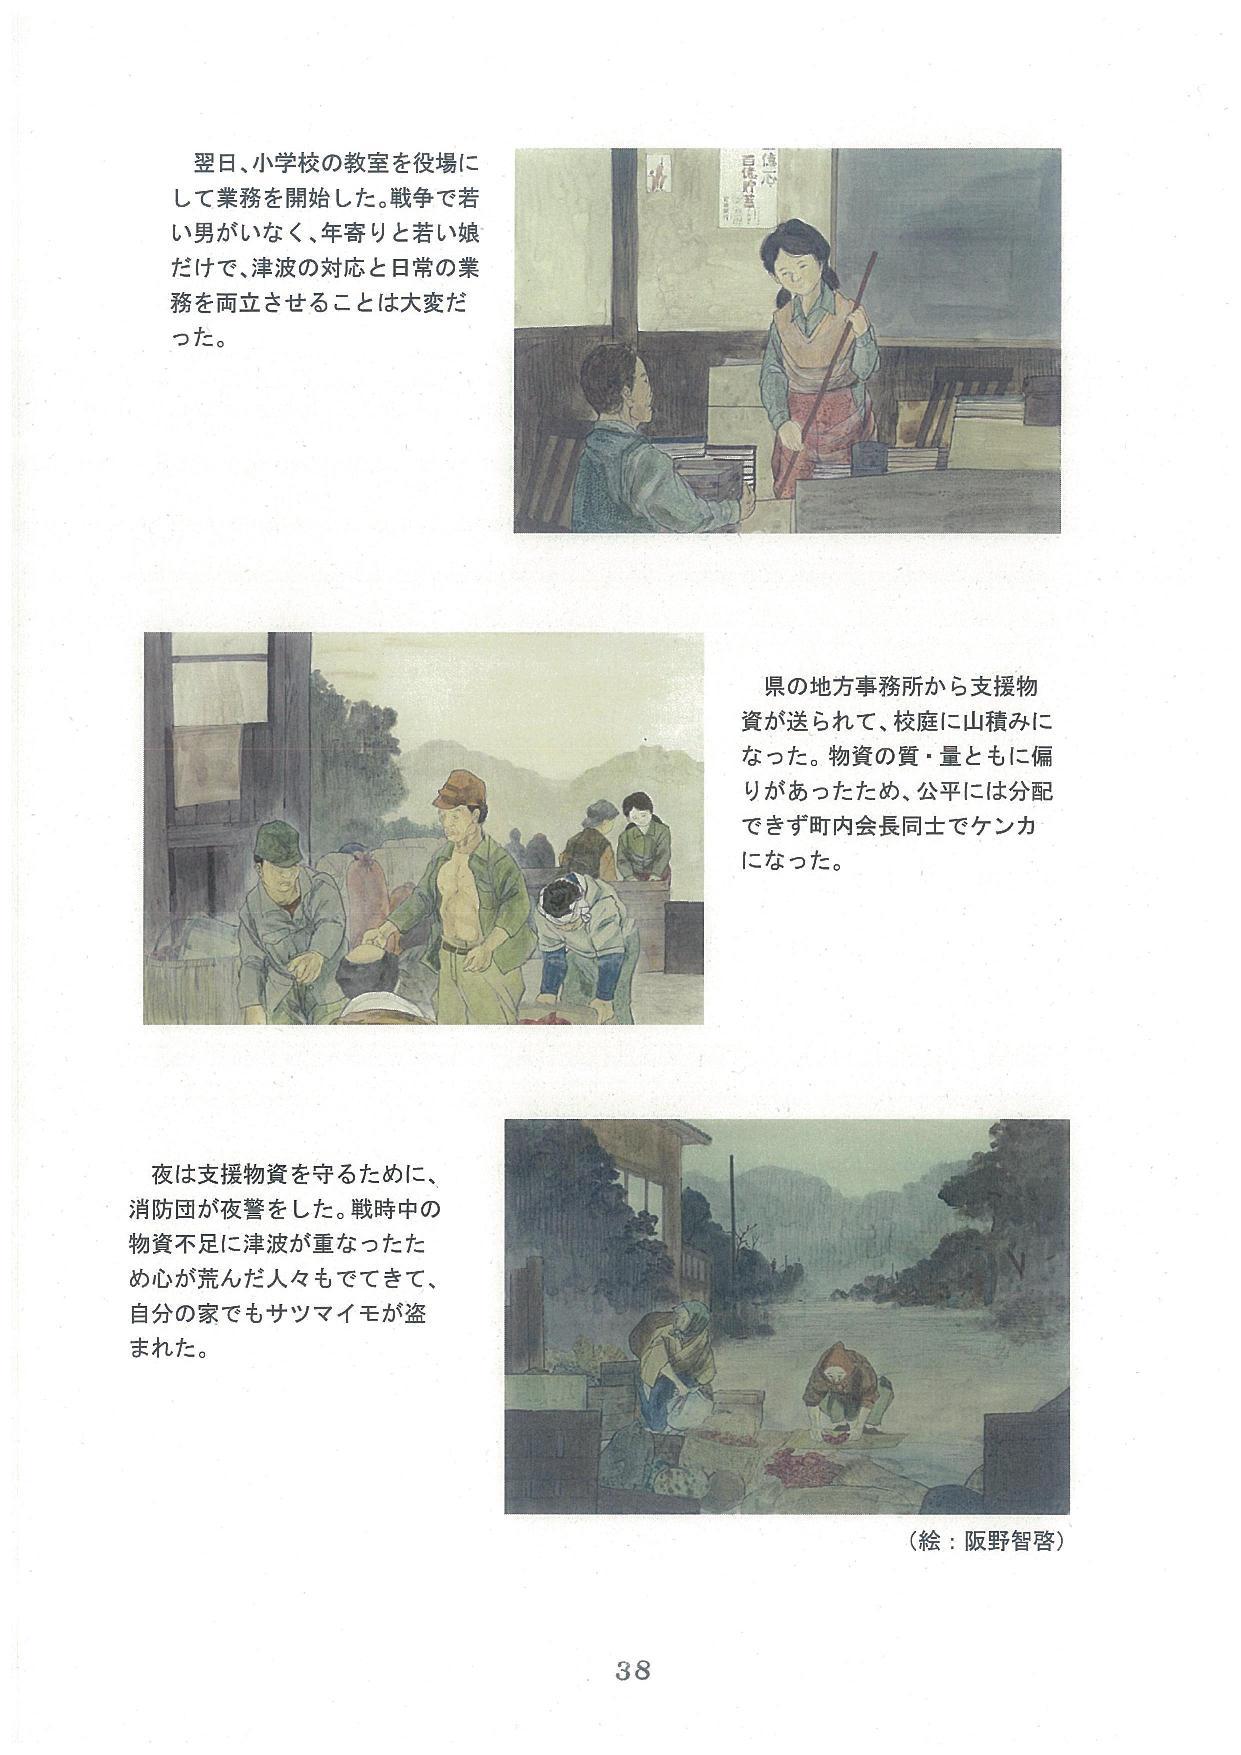 20171208-02_ページ_38